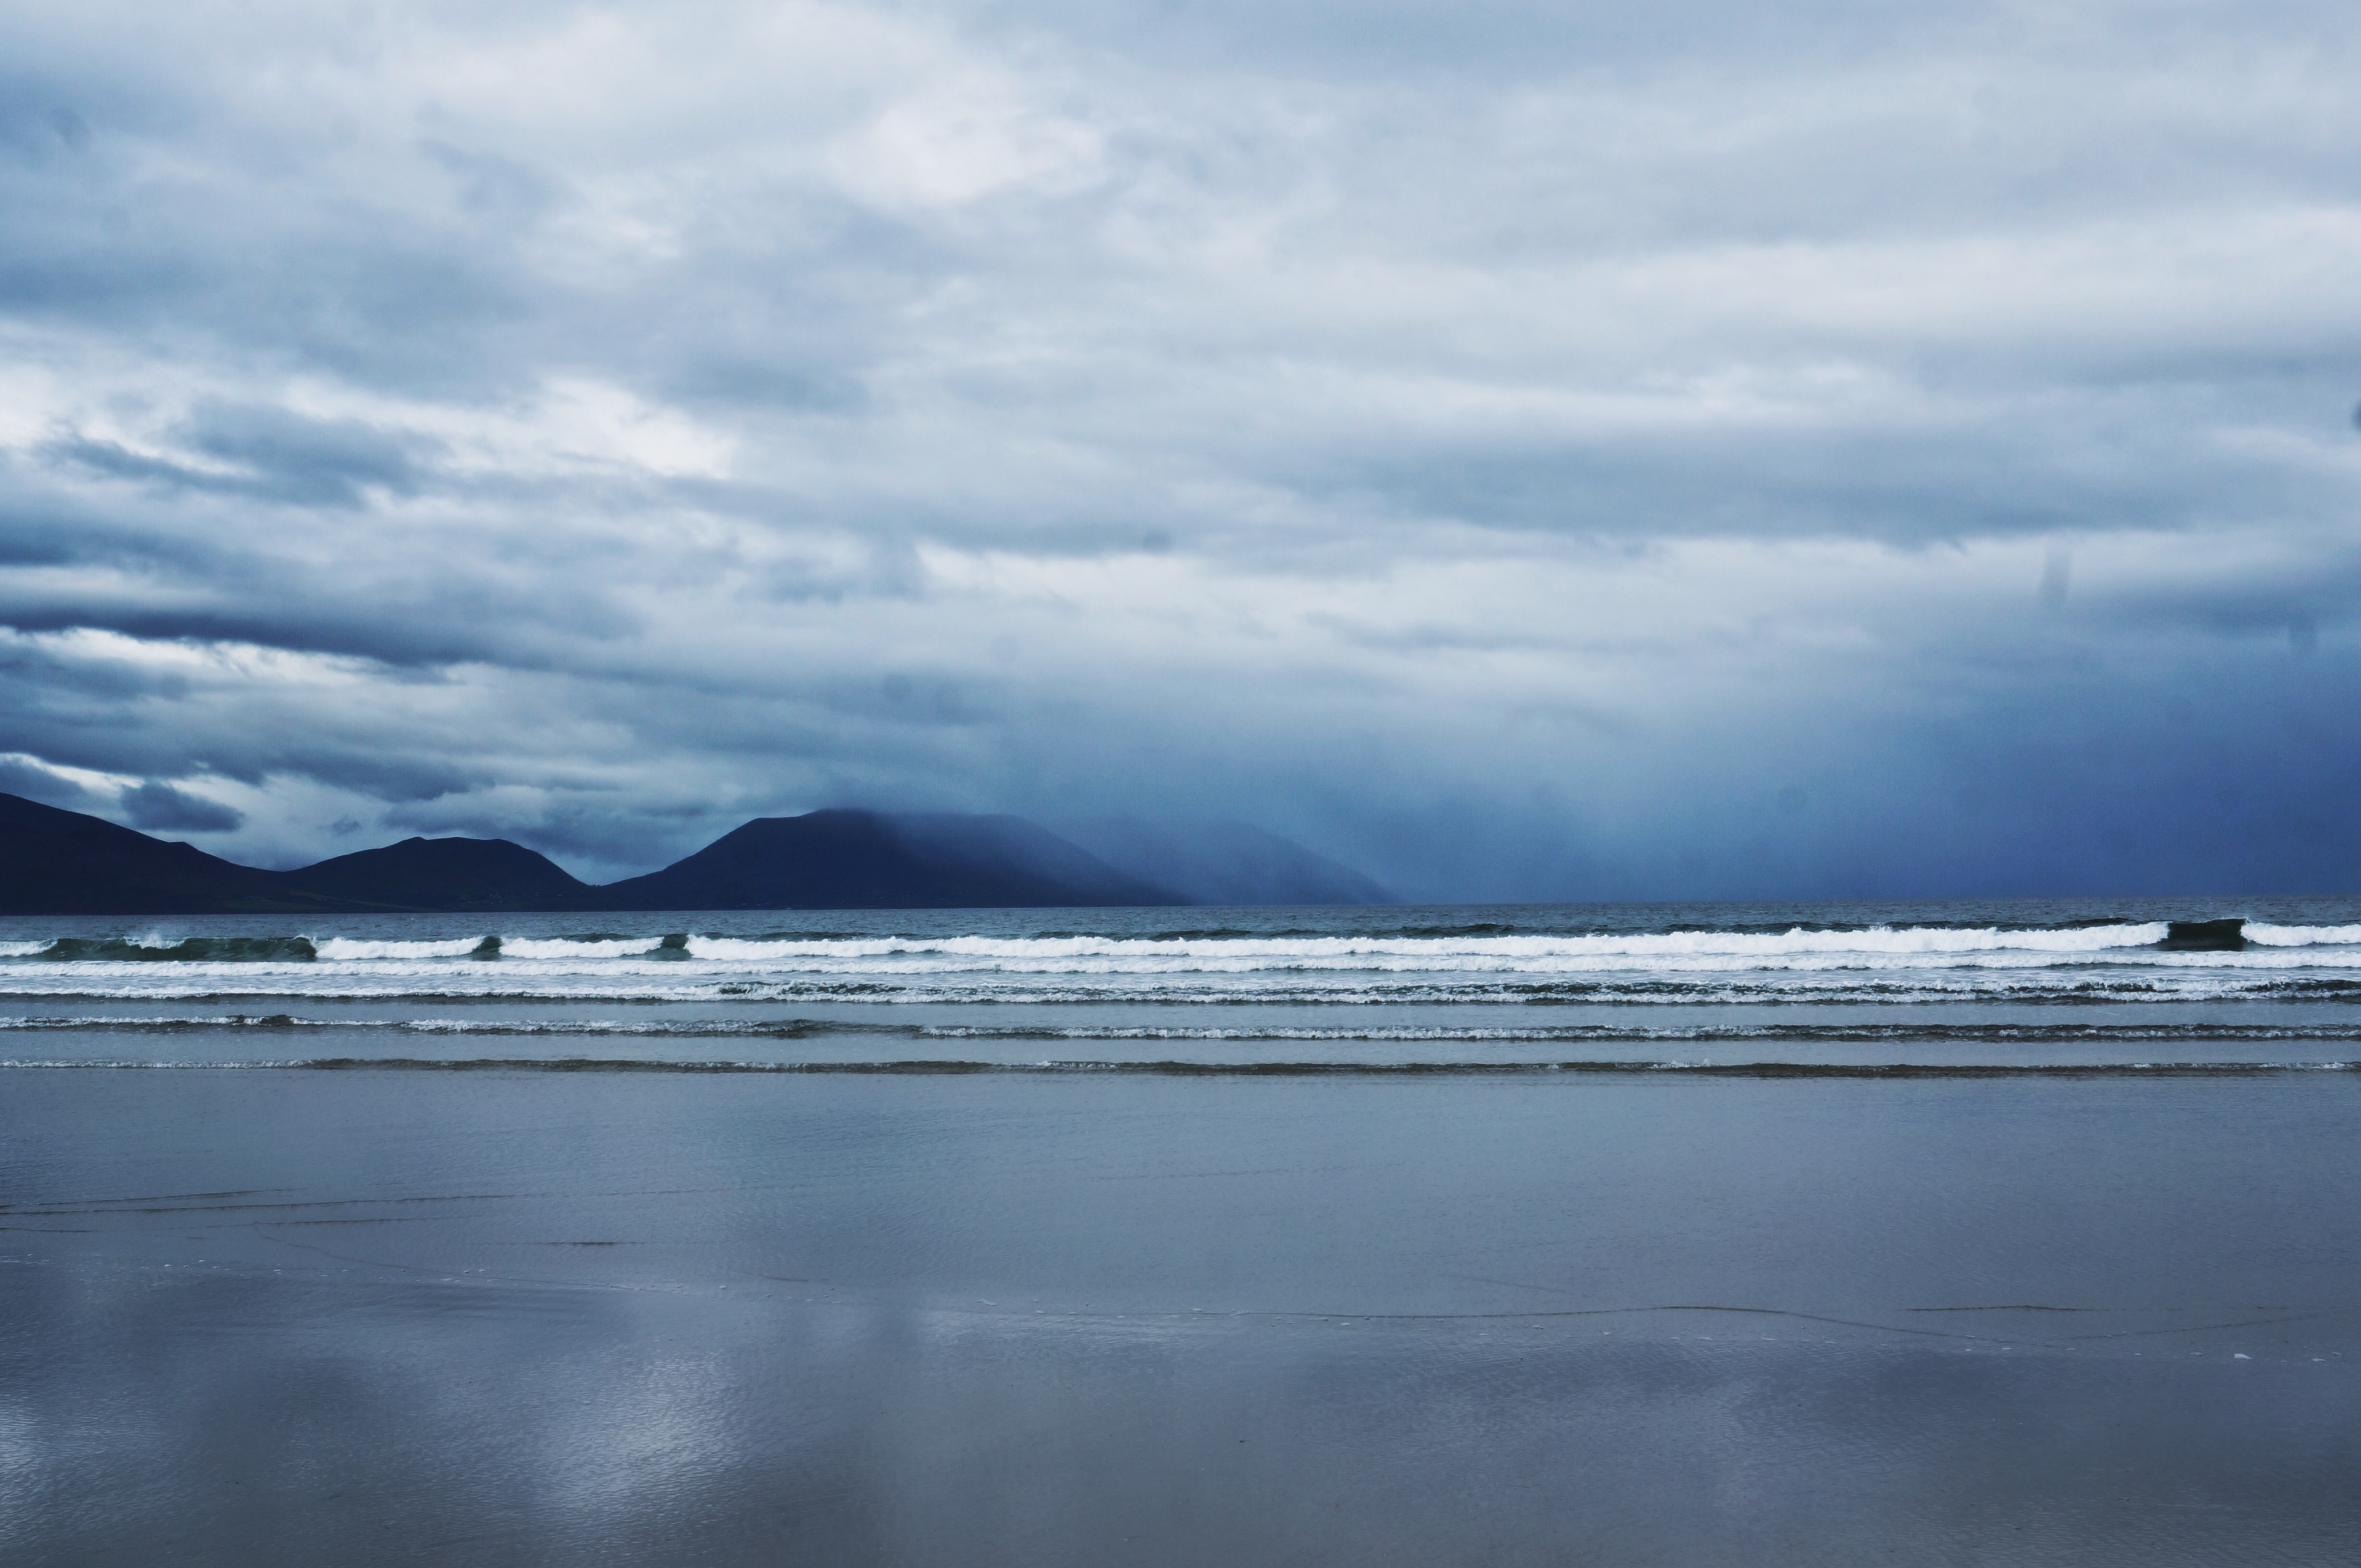 Meer, Strand, Beach, Irland, Inch Beach Ireland, Strände im Winter gelbe Regenjacke